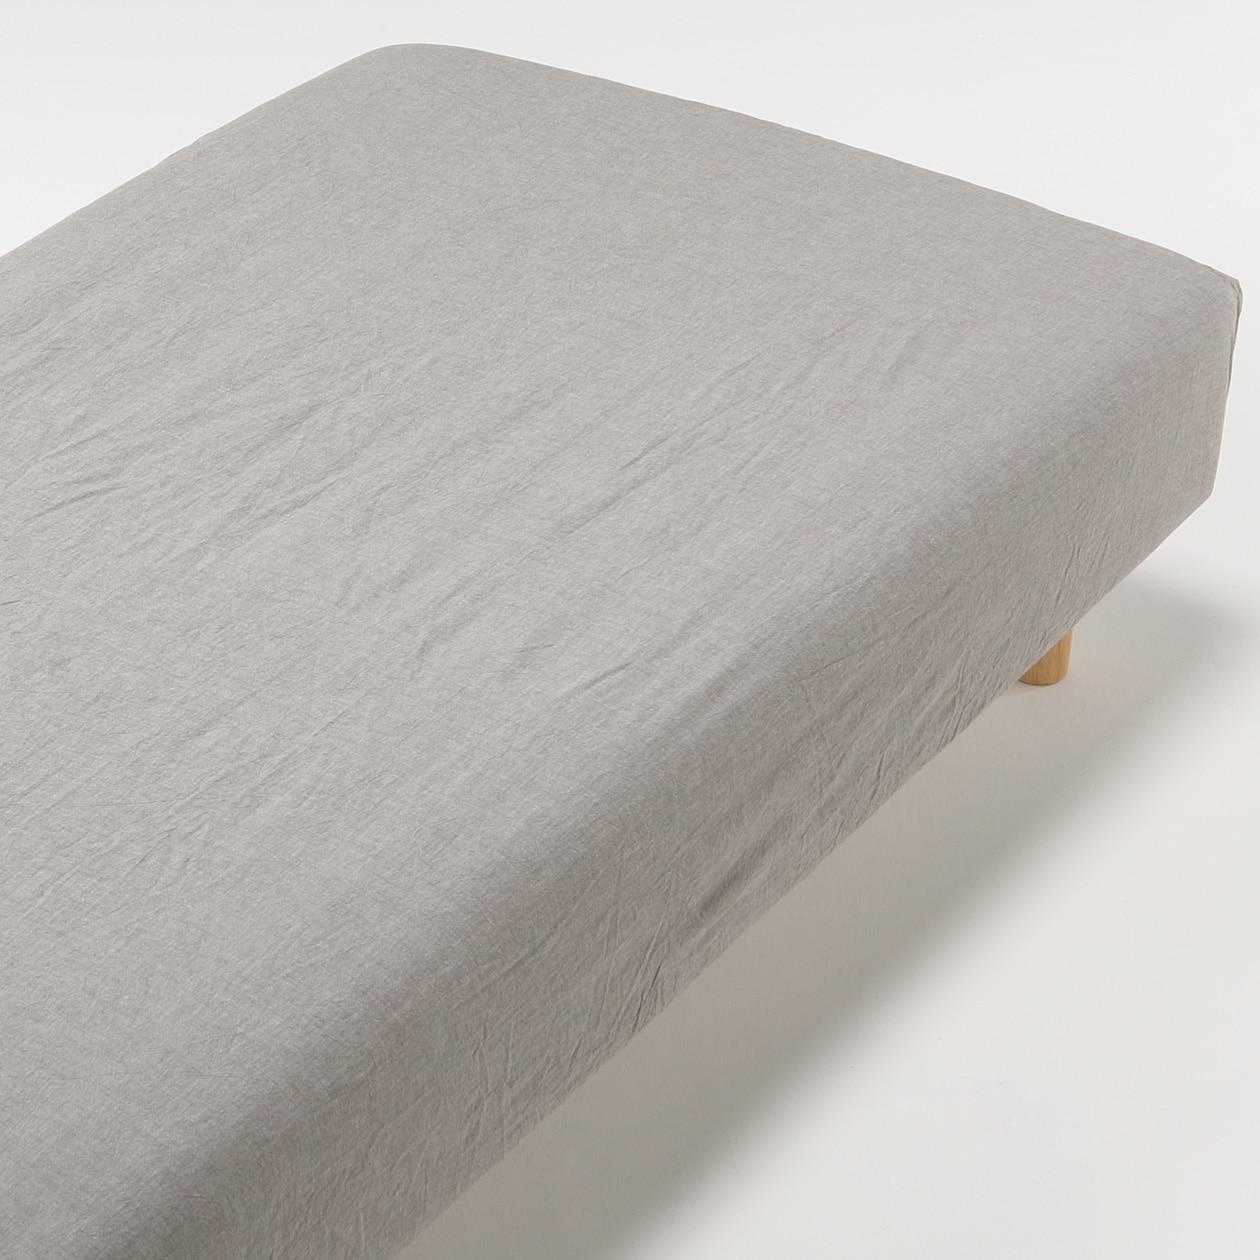 RoomClip商品情報 - オーガニックコットン洗いざらしボックスシーツ・SS/生成 SS/ブラウン